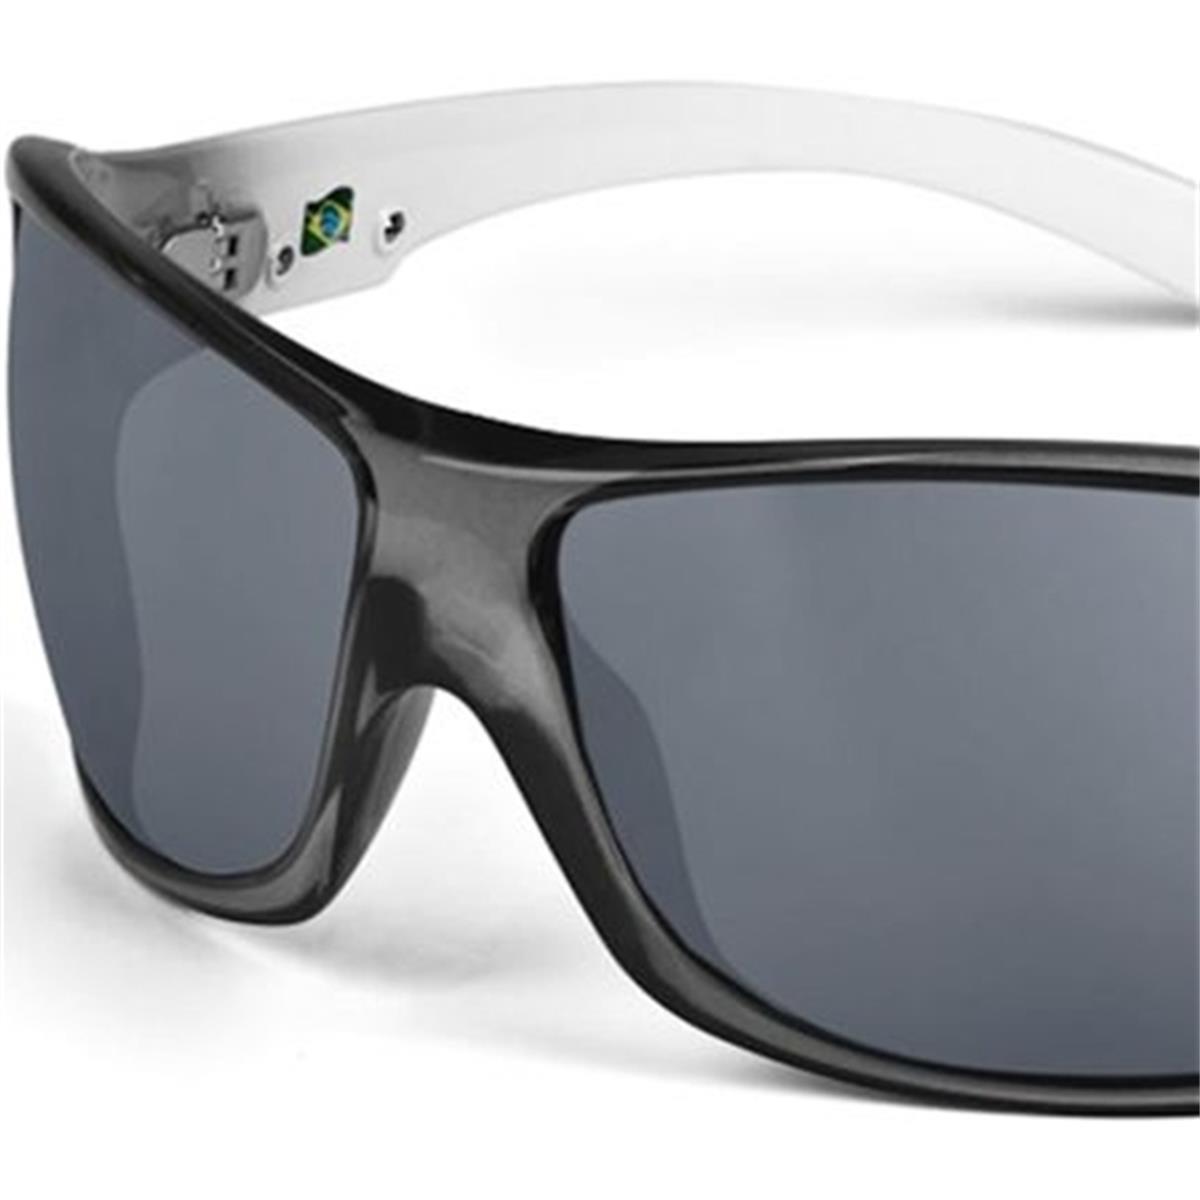 bc26a79555fee Óculos de Sol Fume e Branco GALAPAGOS Mormaii